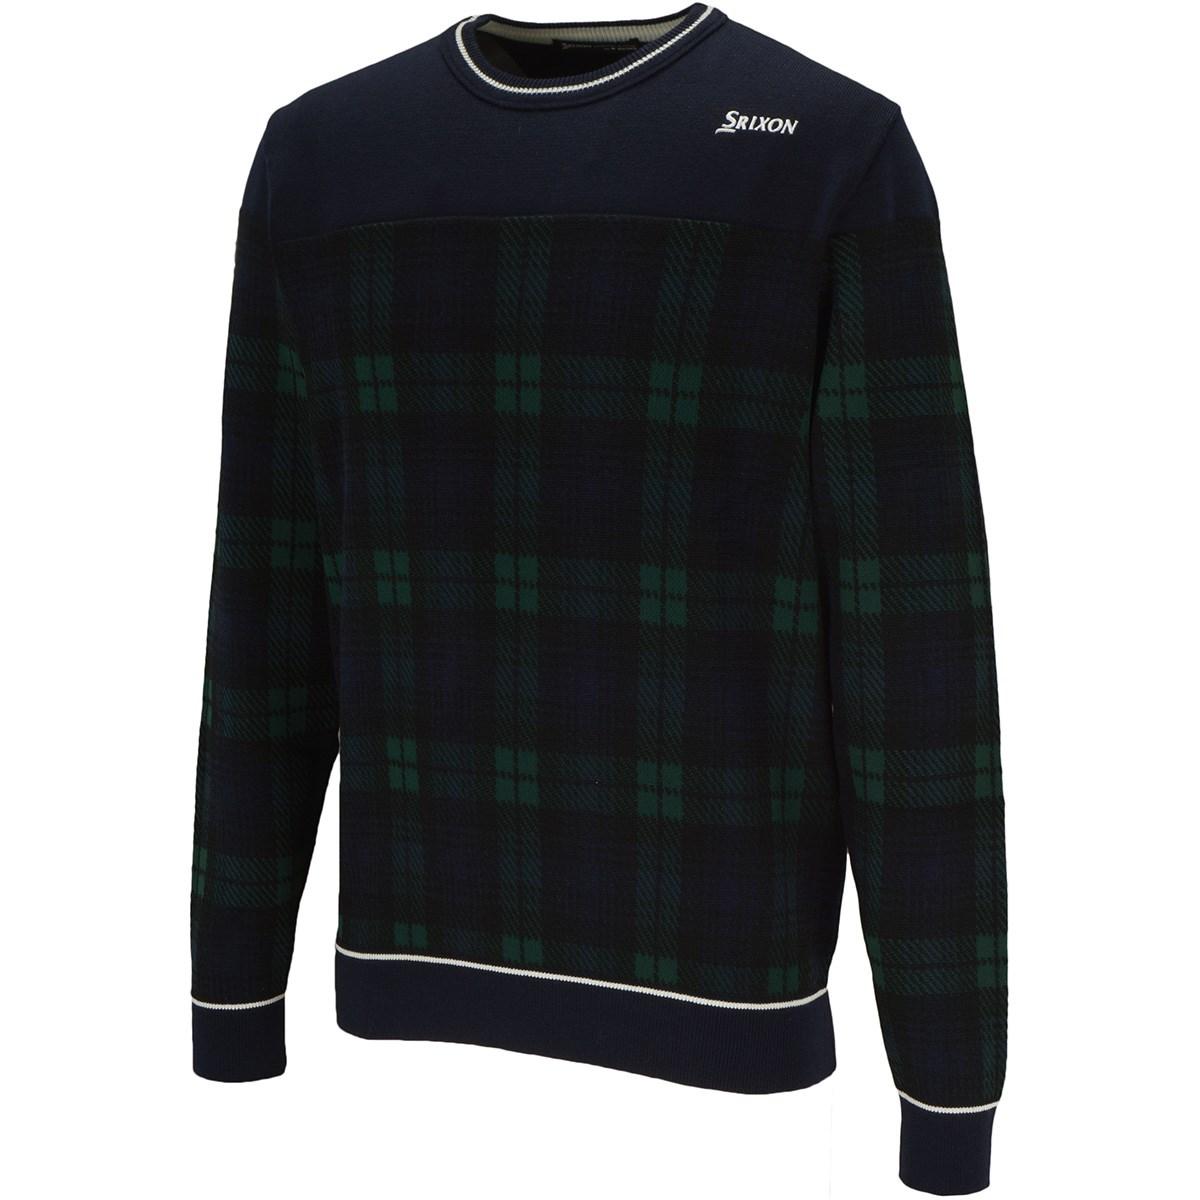 スリクソンゴルフ クルーネックセーター